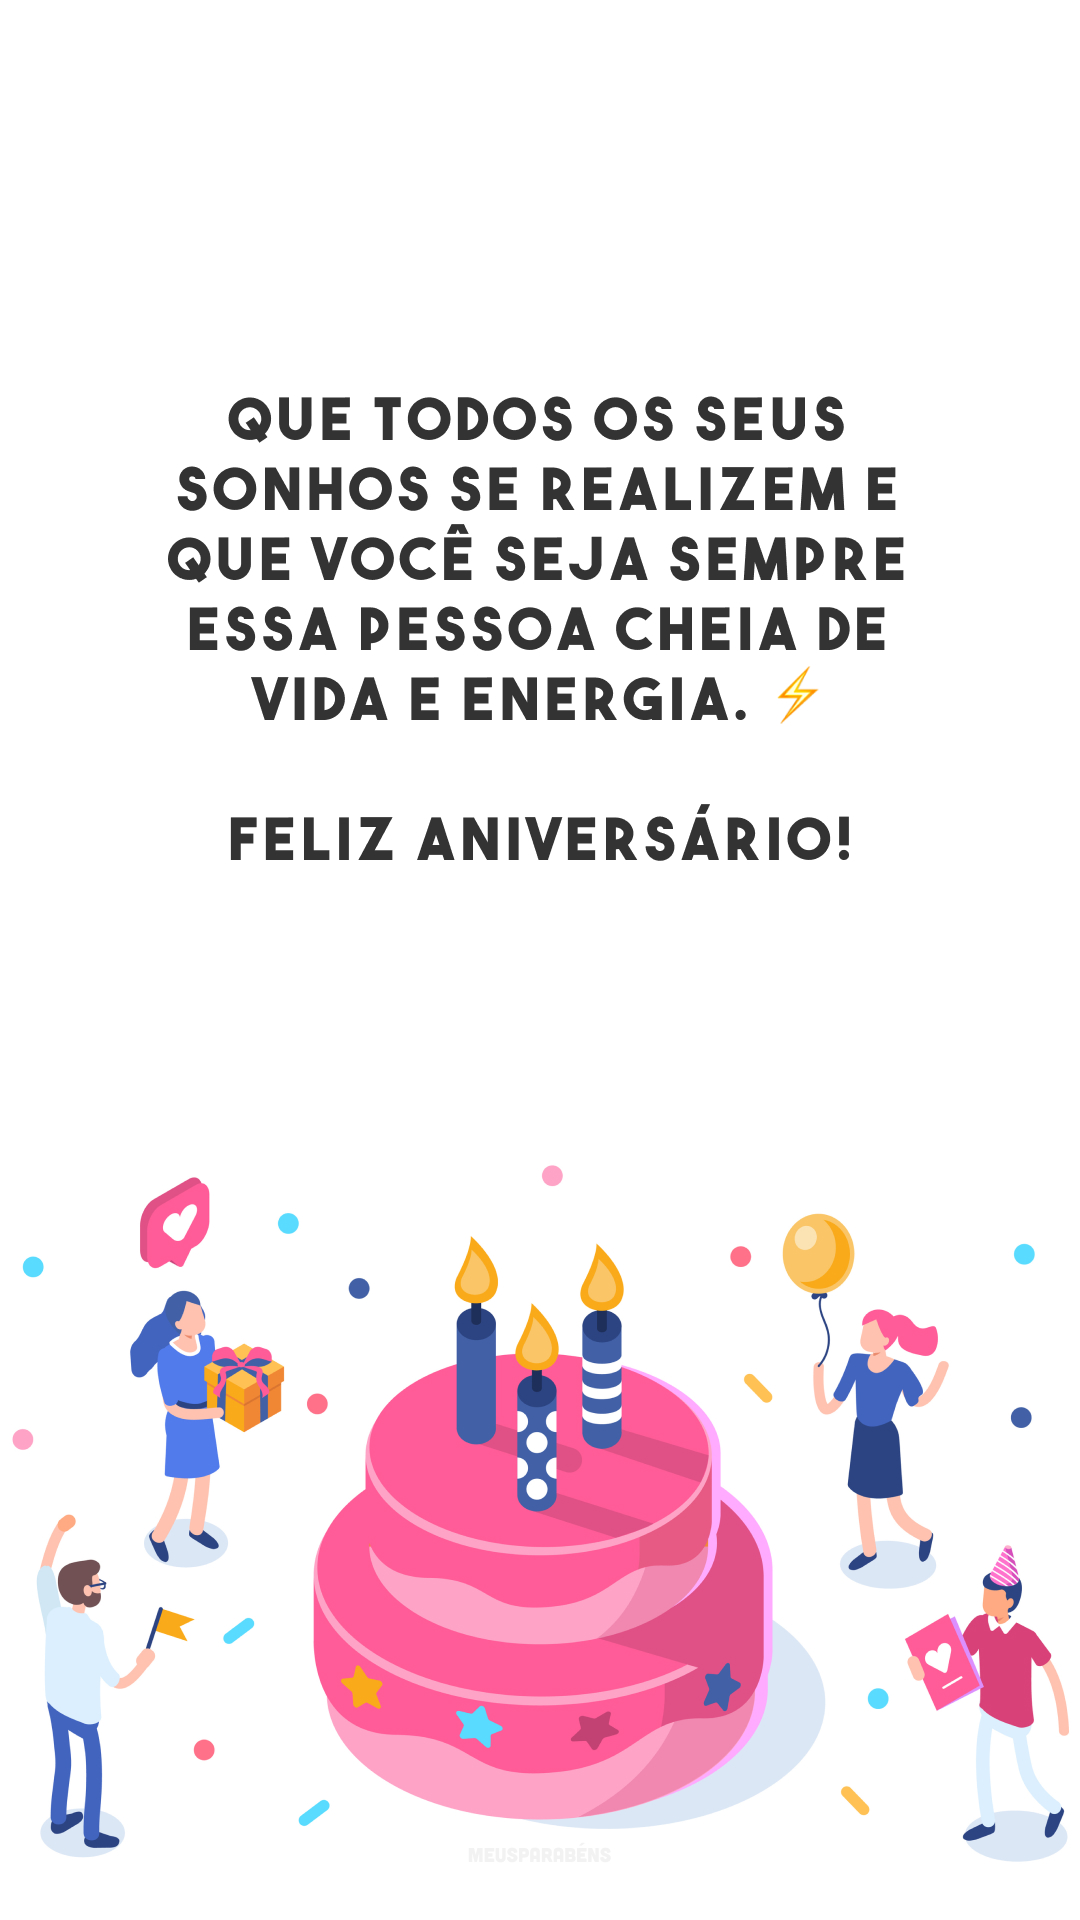 Que todos os seus sonhos se realizem e que você seja sempre essa pessoa cheia de vida e energia. ⚡ Feliz aniversário!